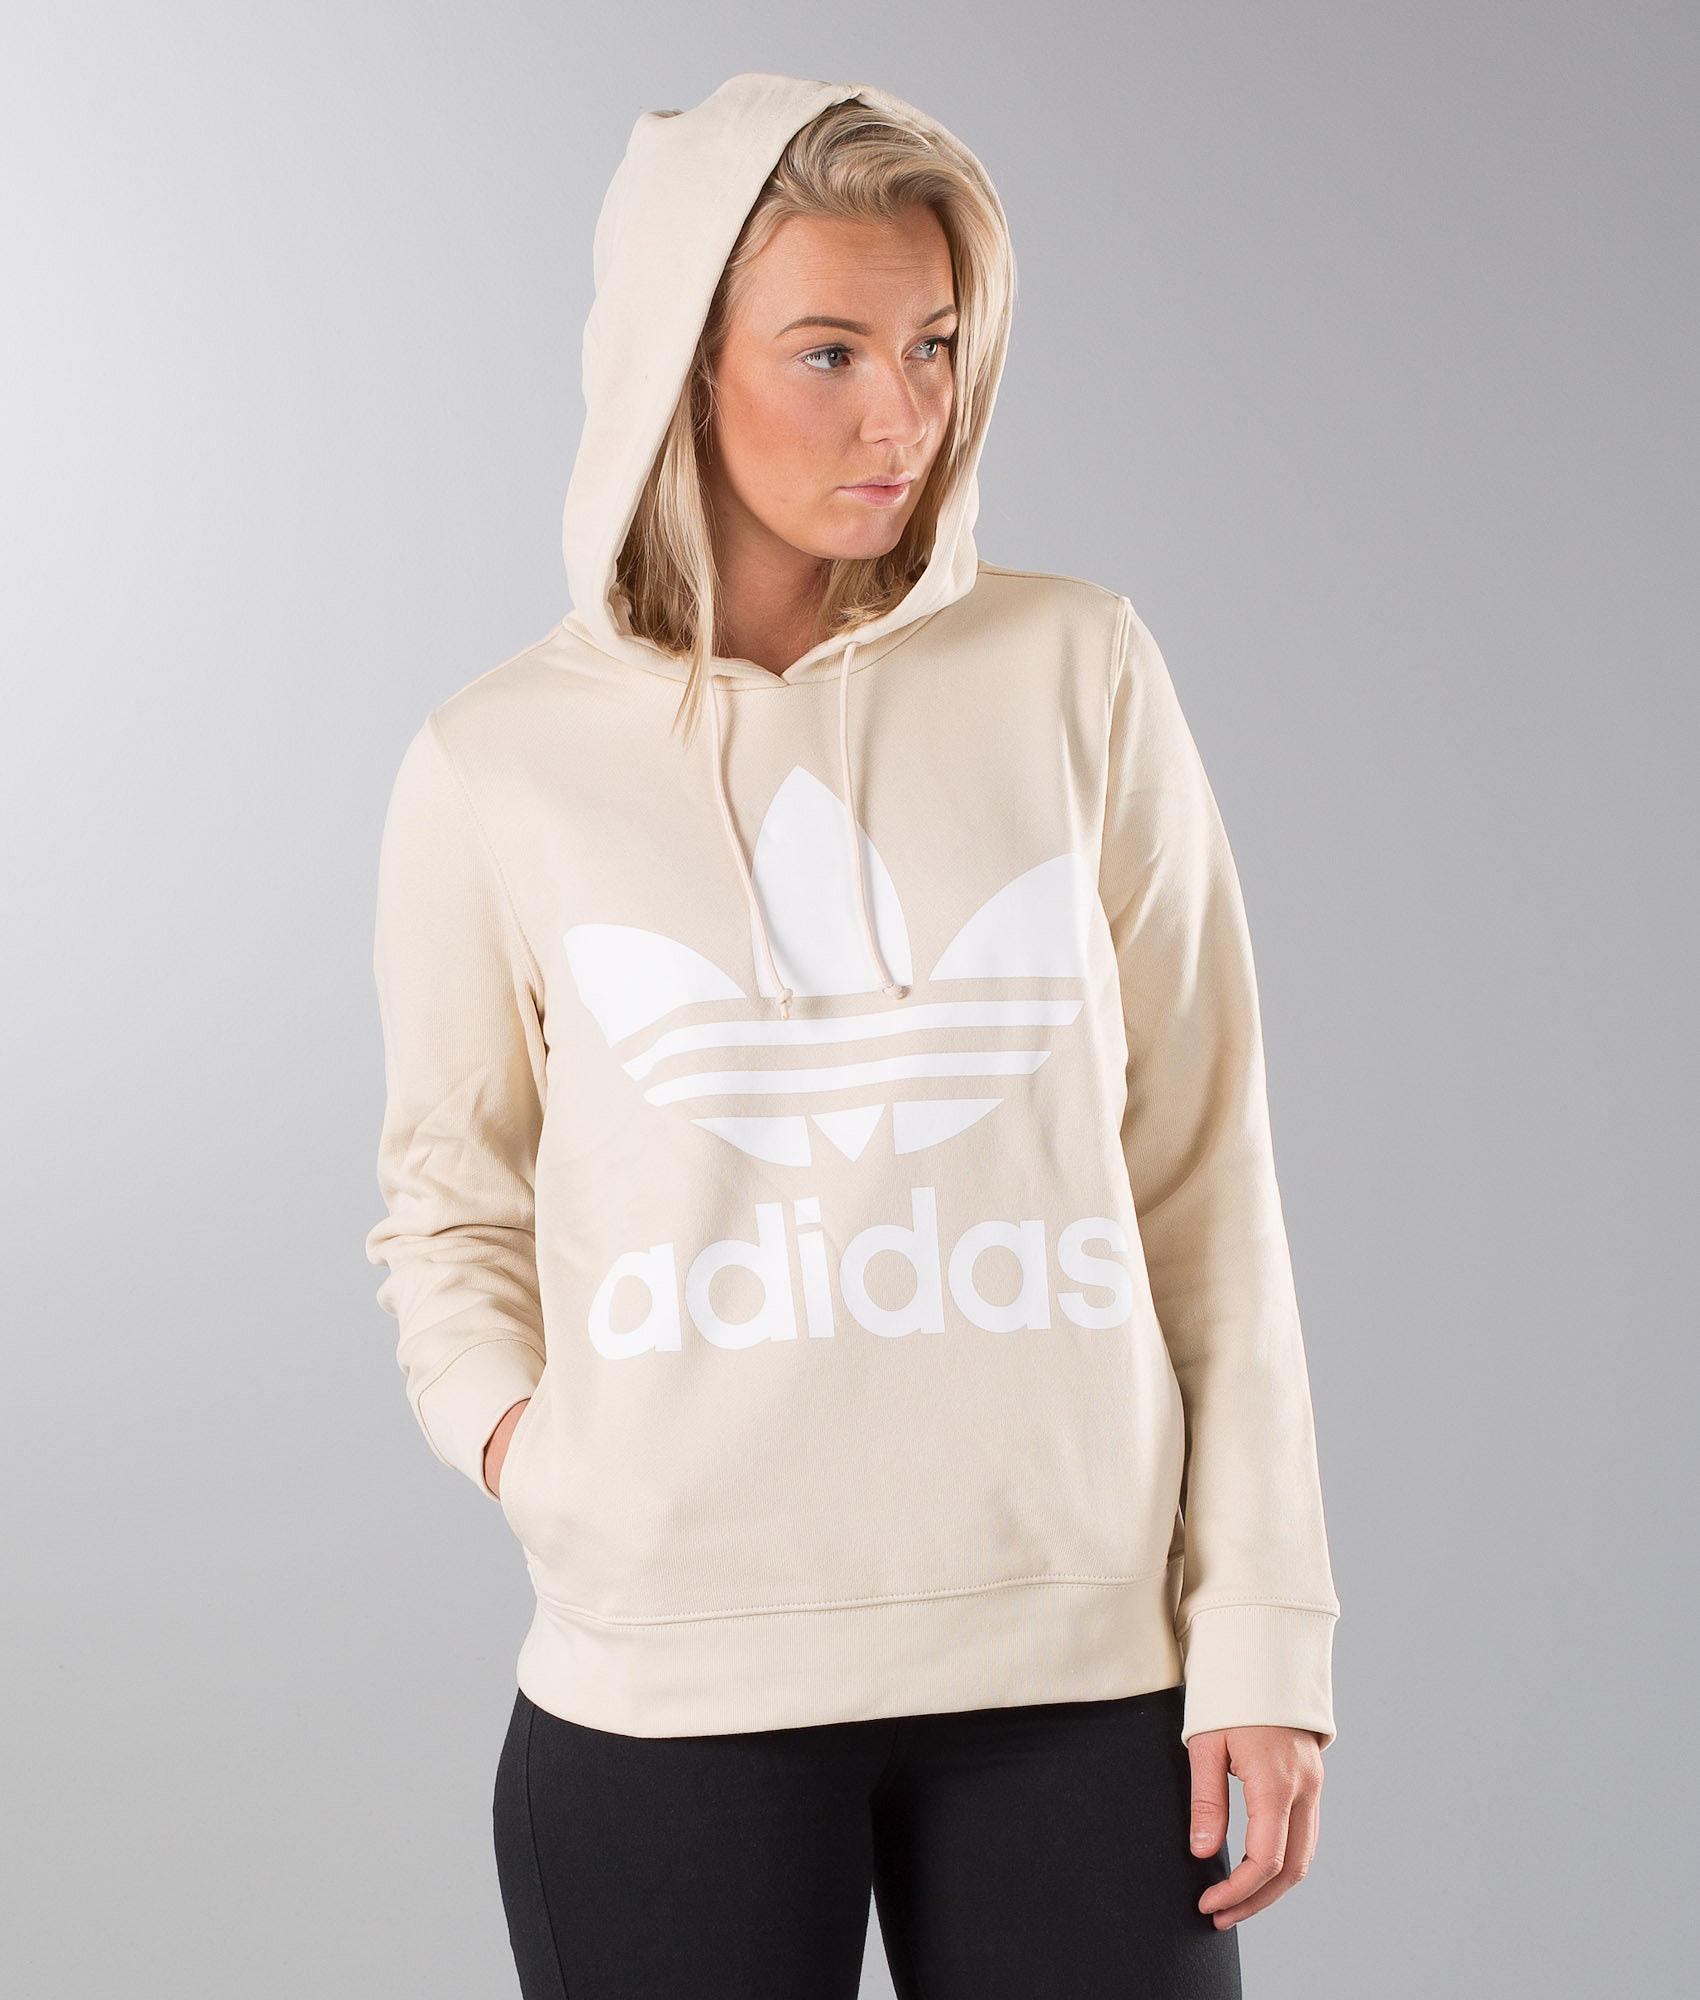 a7ac76d88614 Adidas Originals Trefoil Hood Linen - Ridestore.com